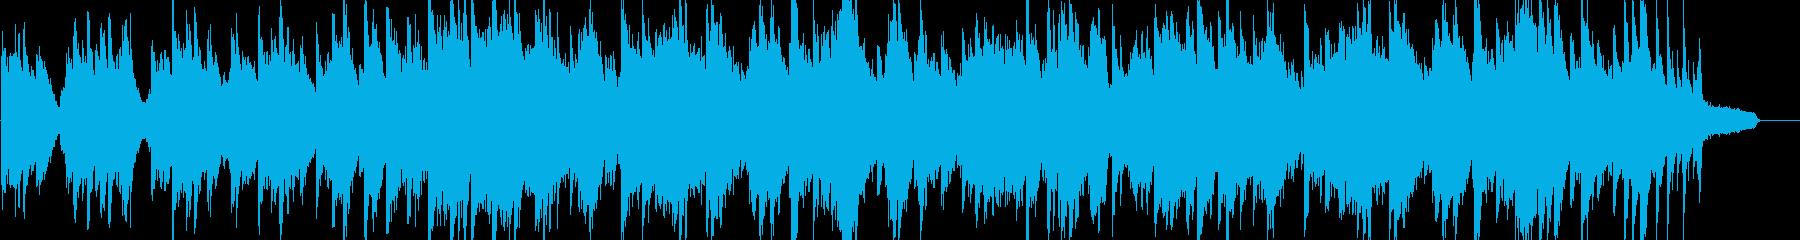 爽やか・ピアノソロ・イベント・映像の再生済みの波形